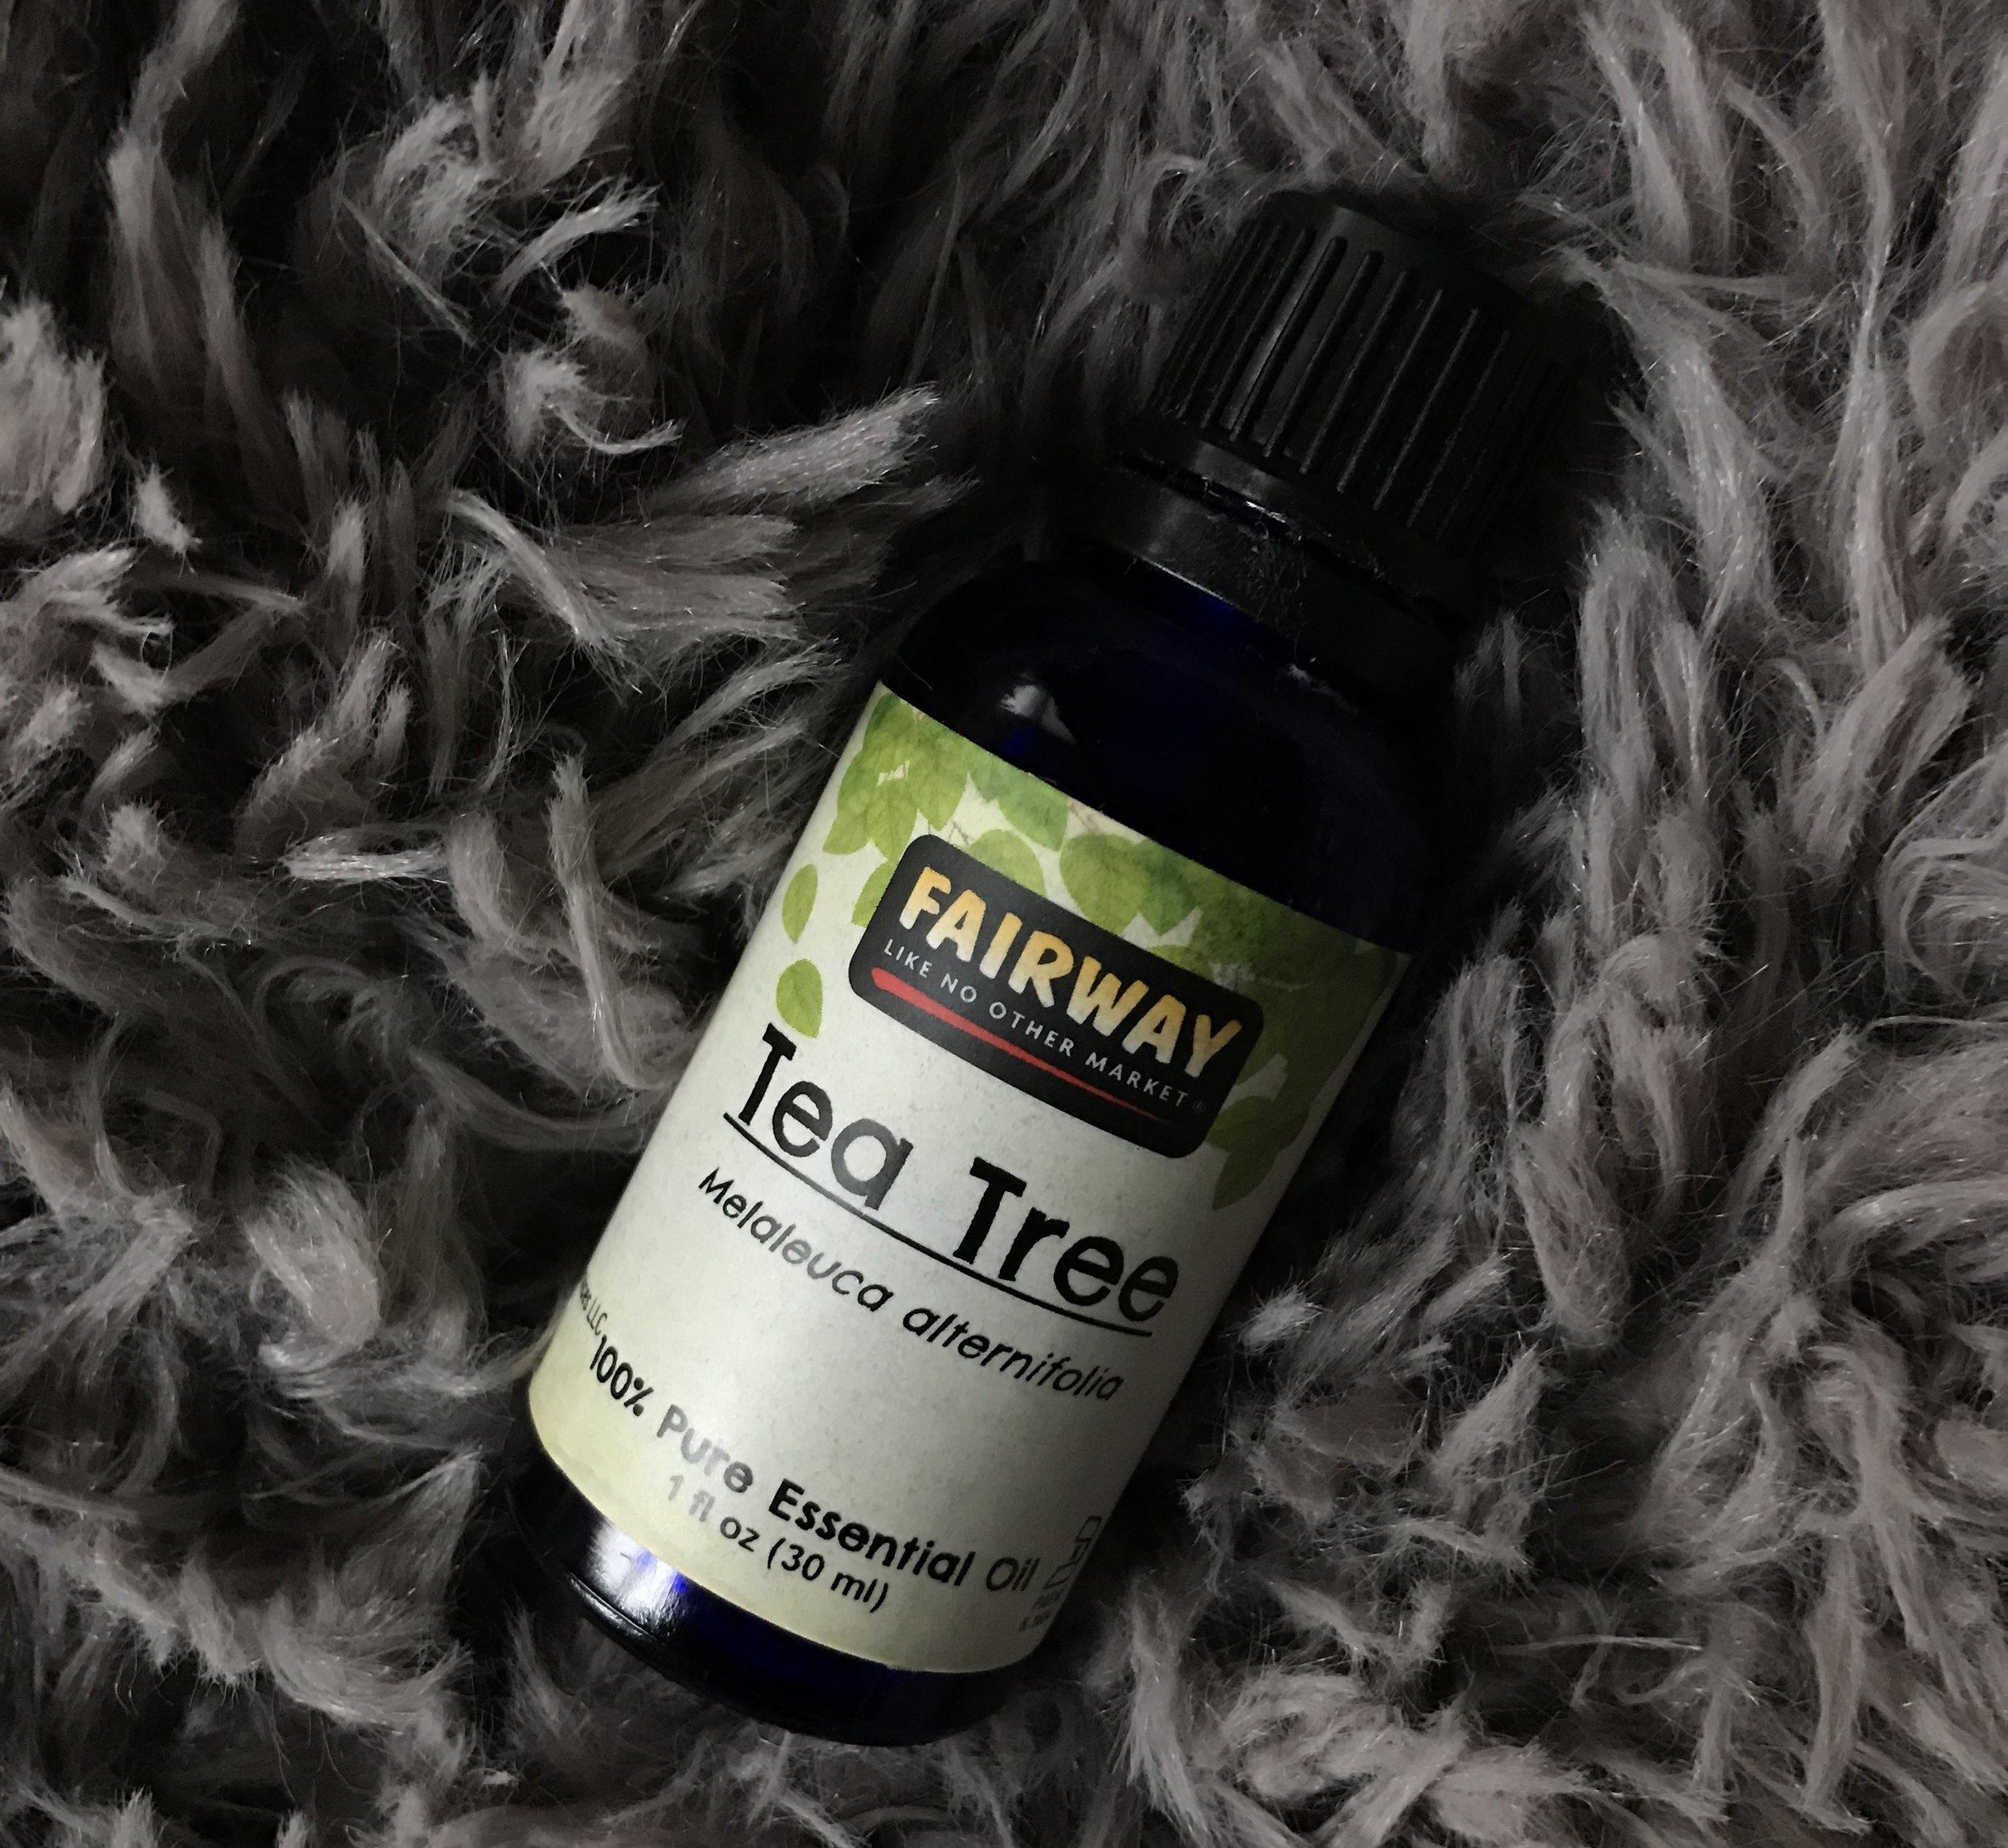 Fairway Tea Tree Oil $7